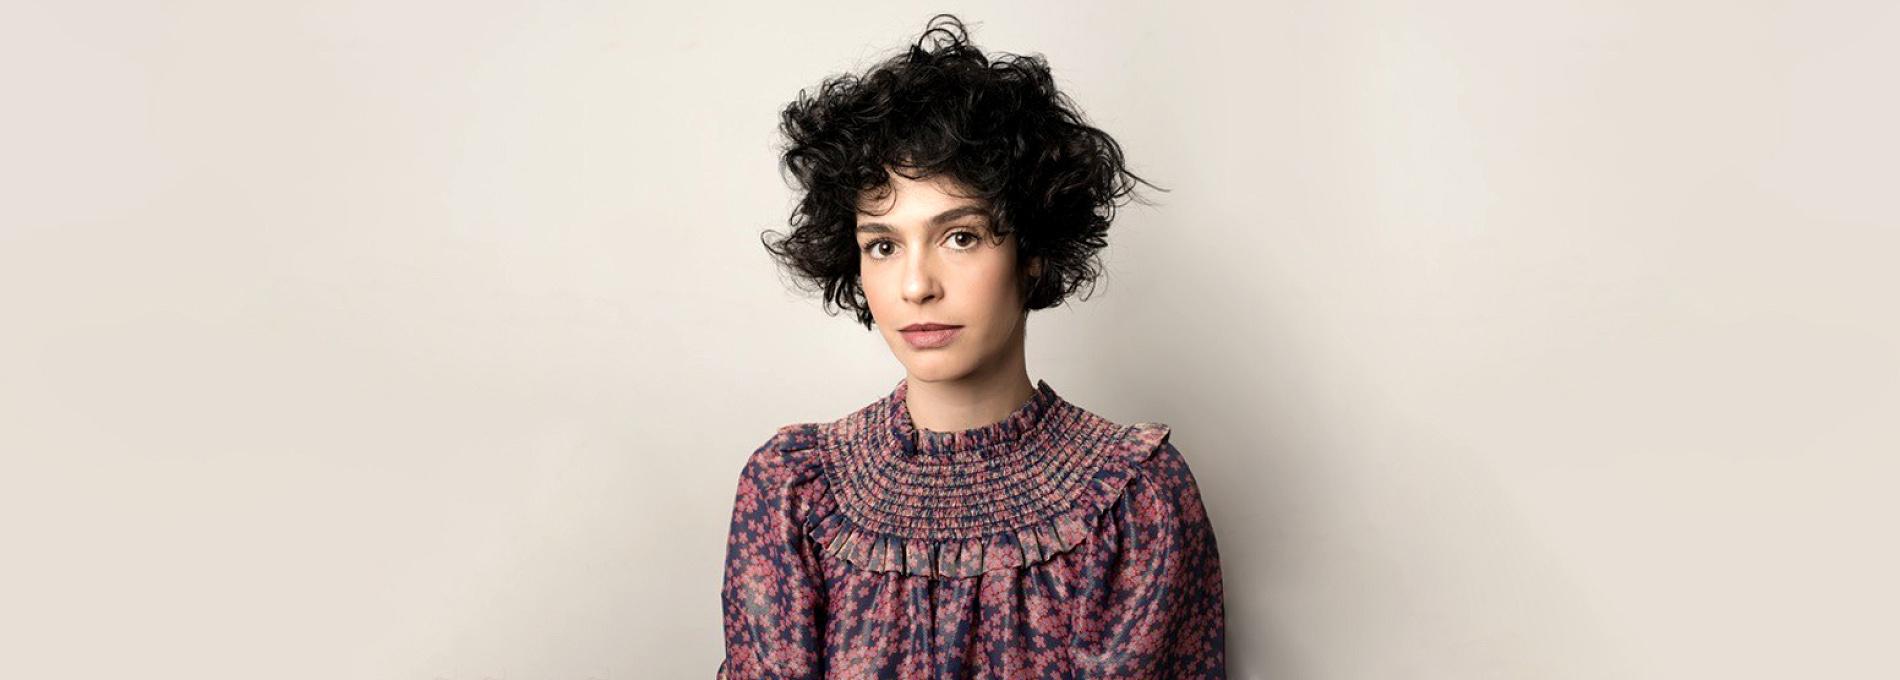 Maria Flor: É difícil abandonar o papel de boa moça